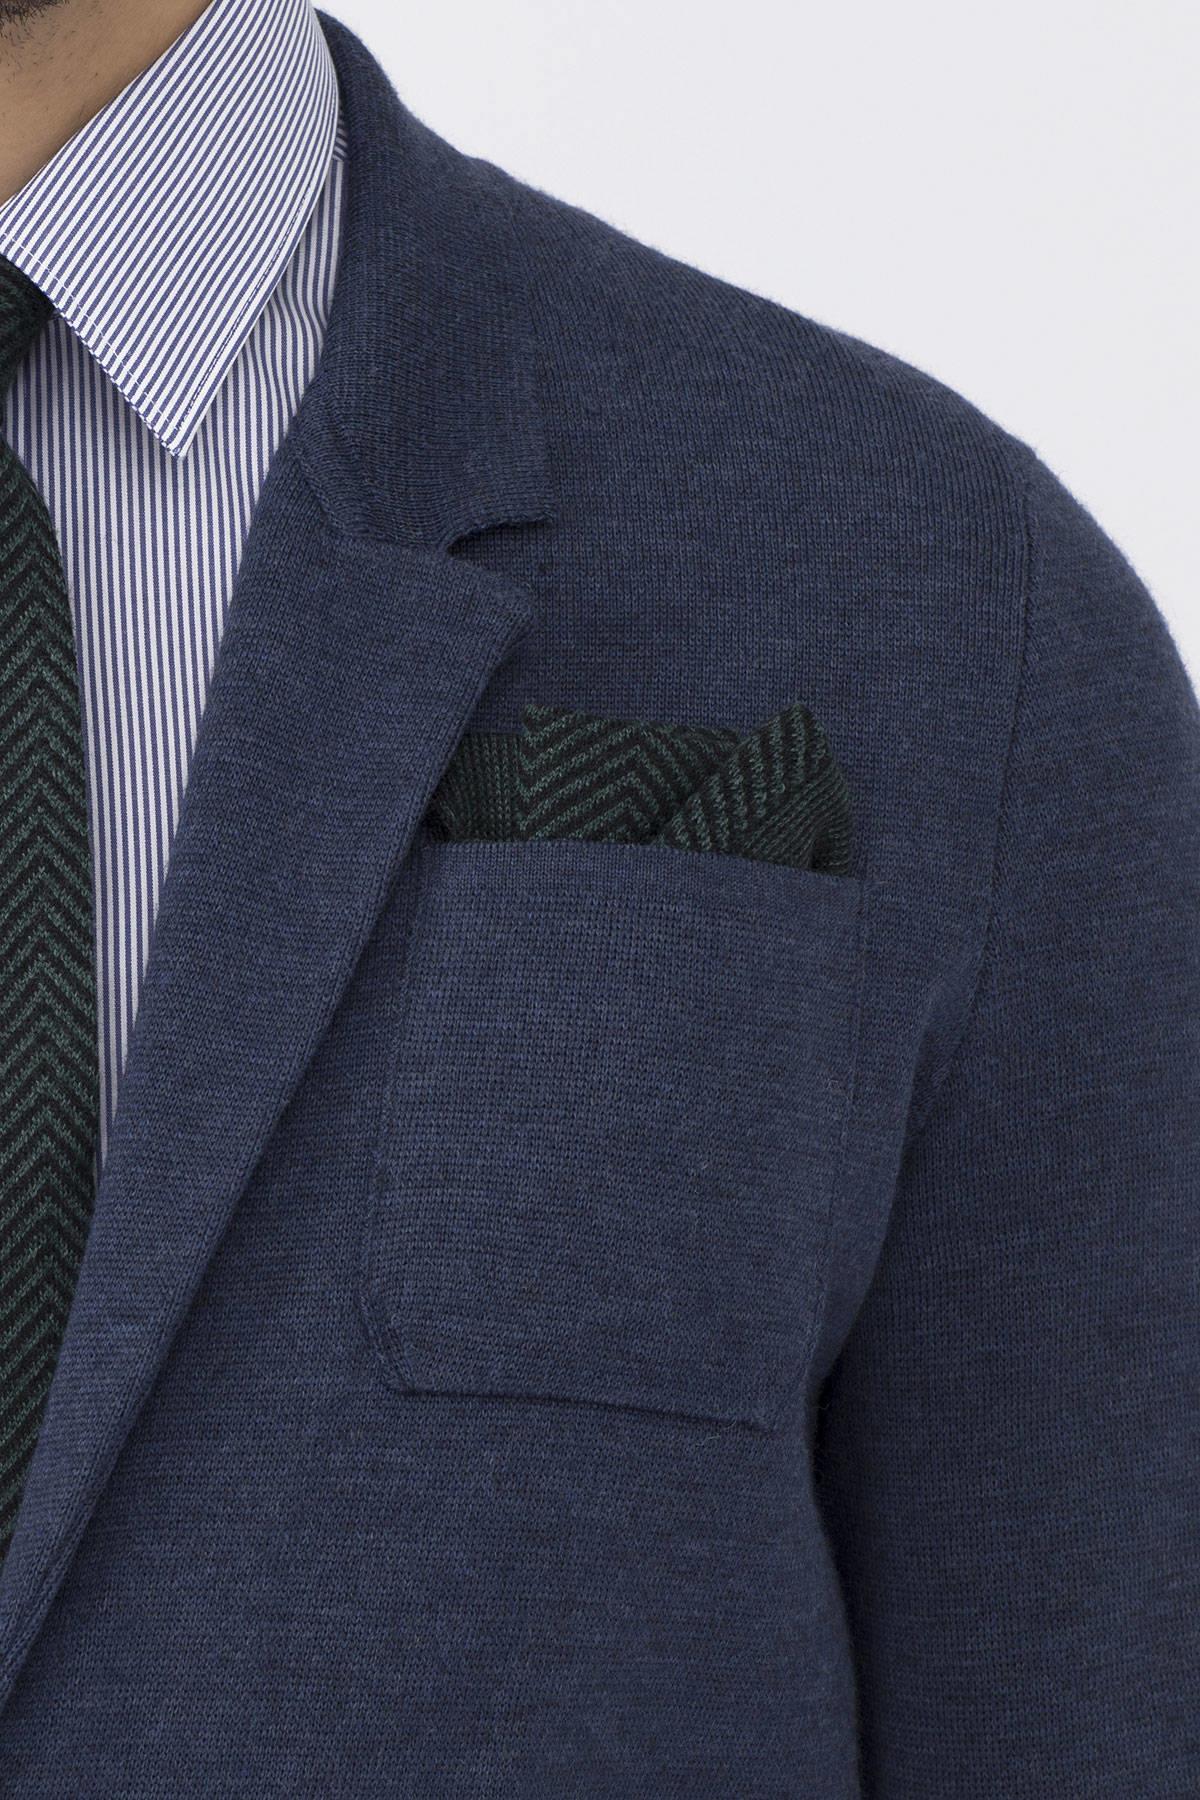 İpek Yün Koyu Yeşil Örgü Ceket Mendili